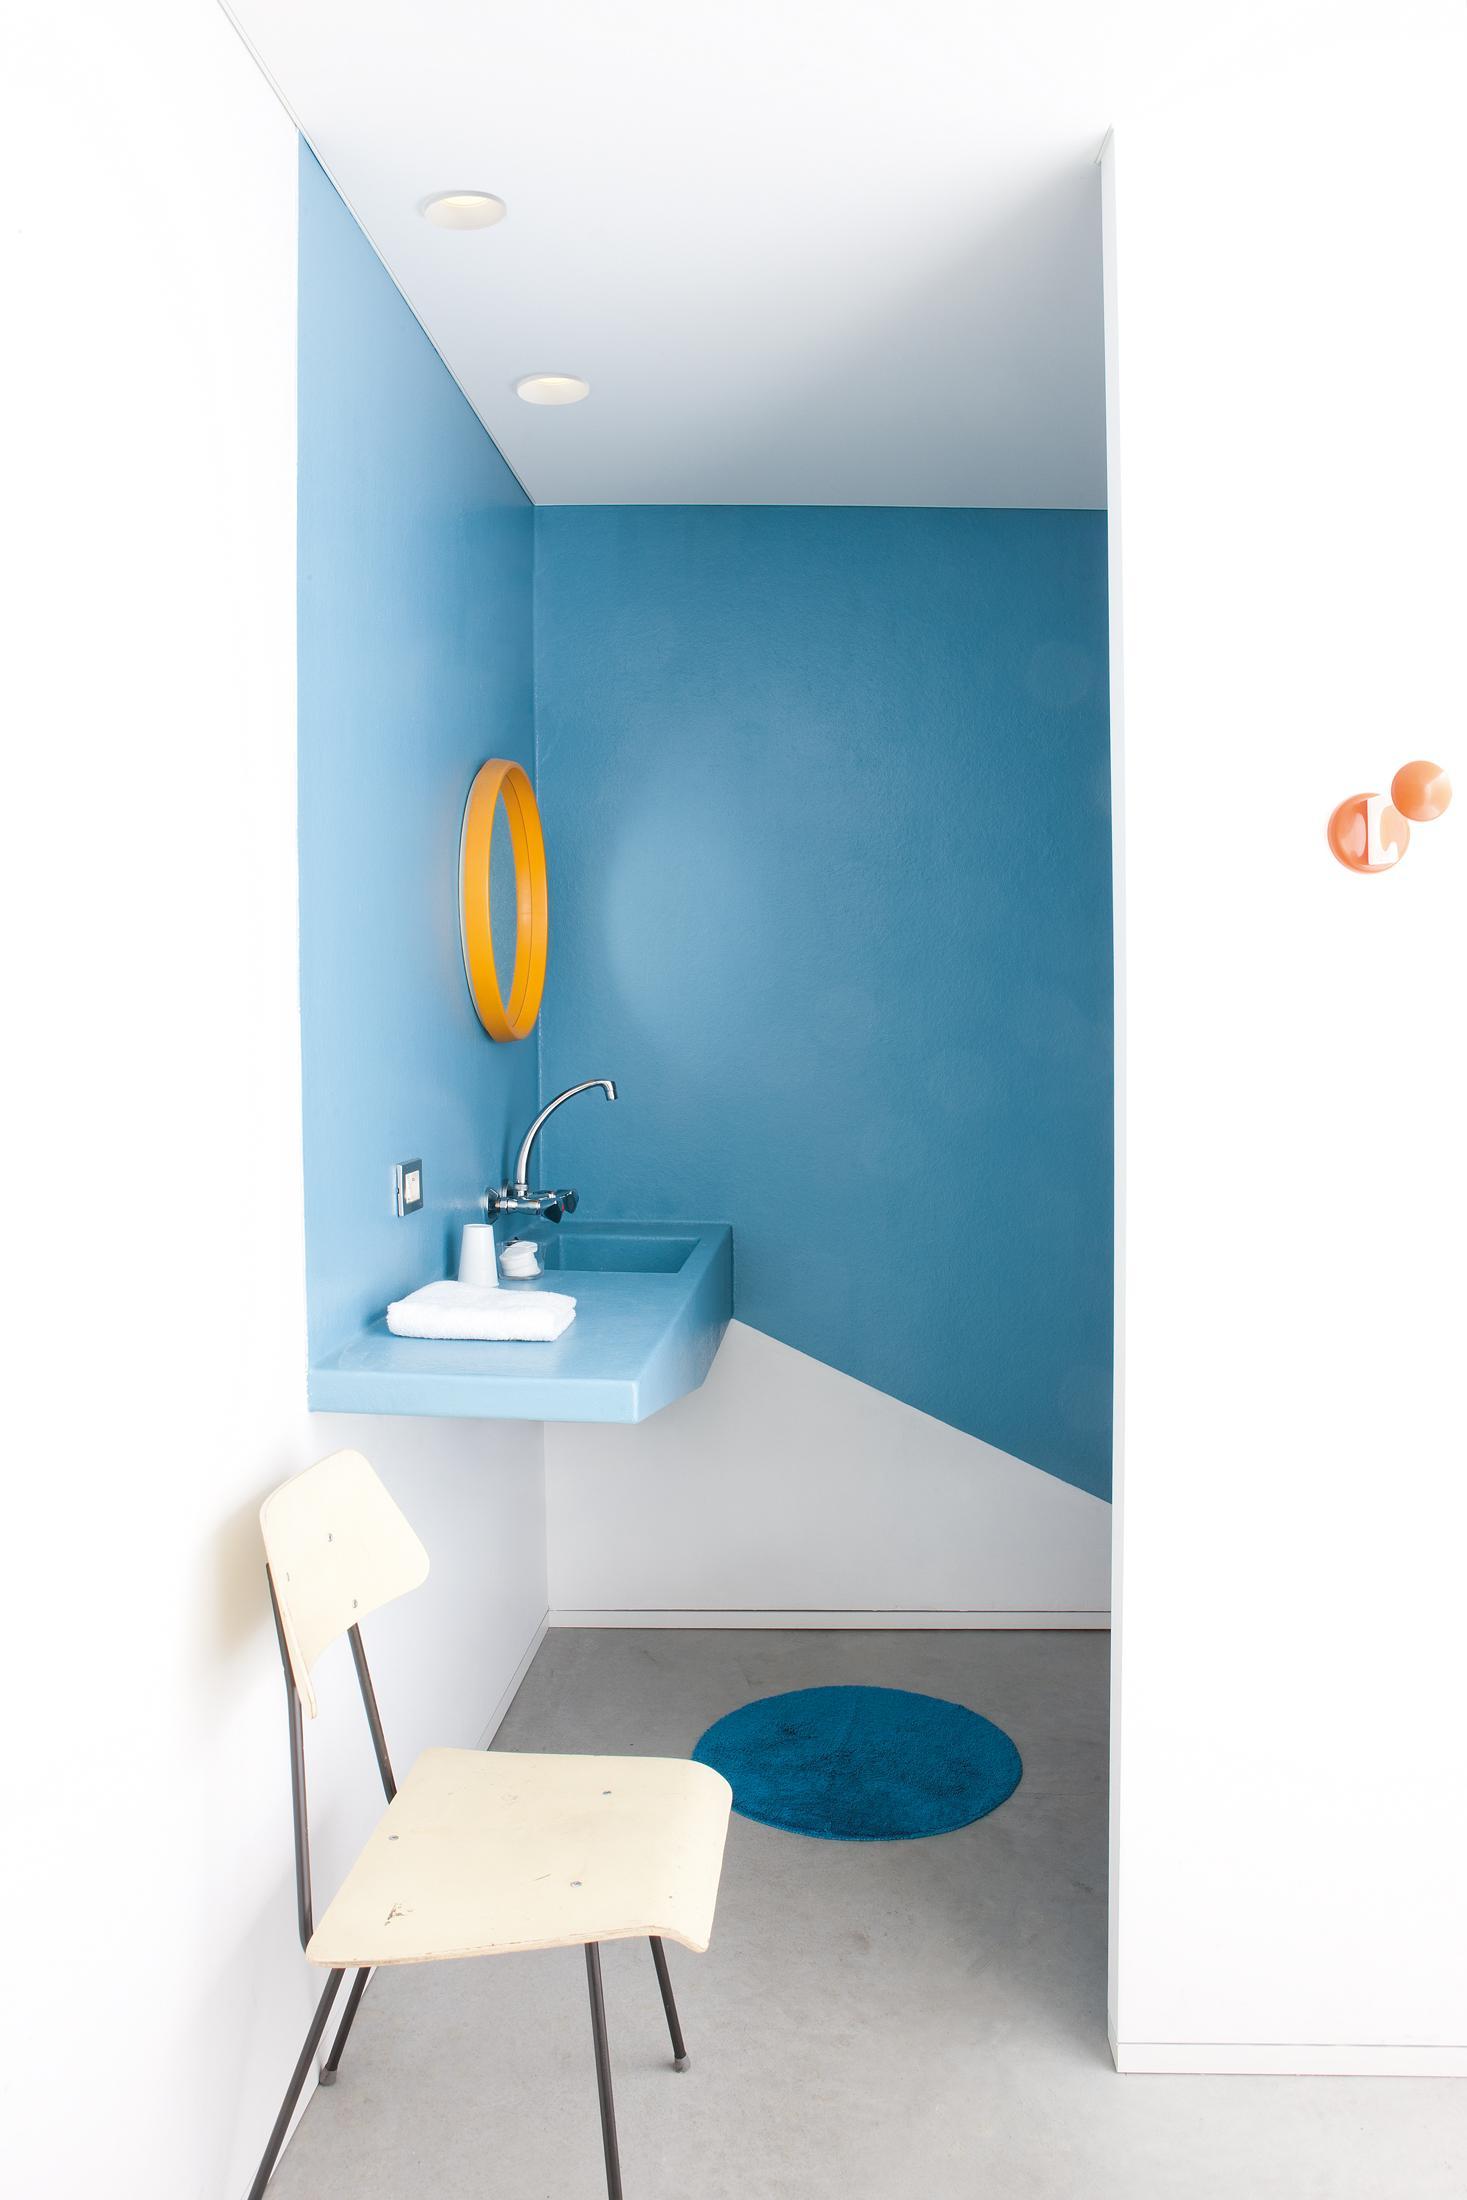 blaue wandgestaltung bilder ideen couchstyle